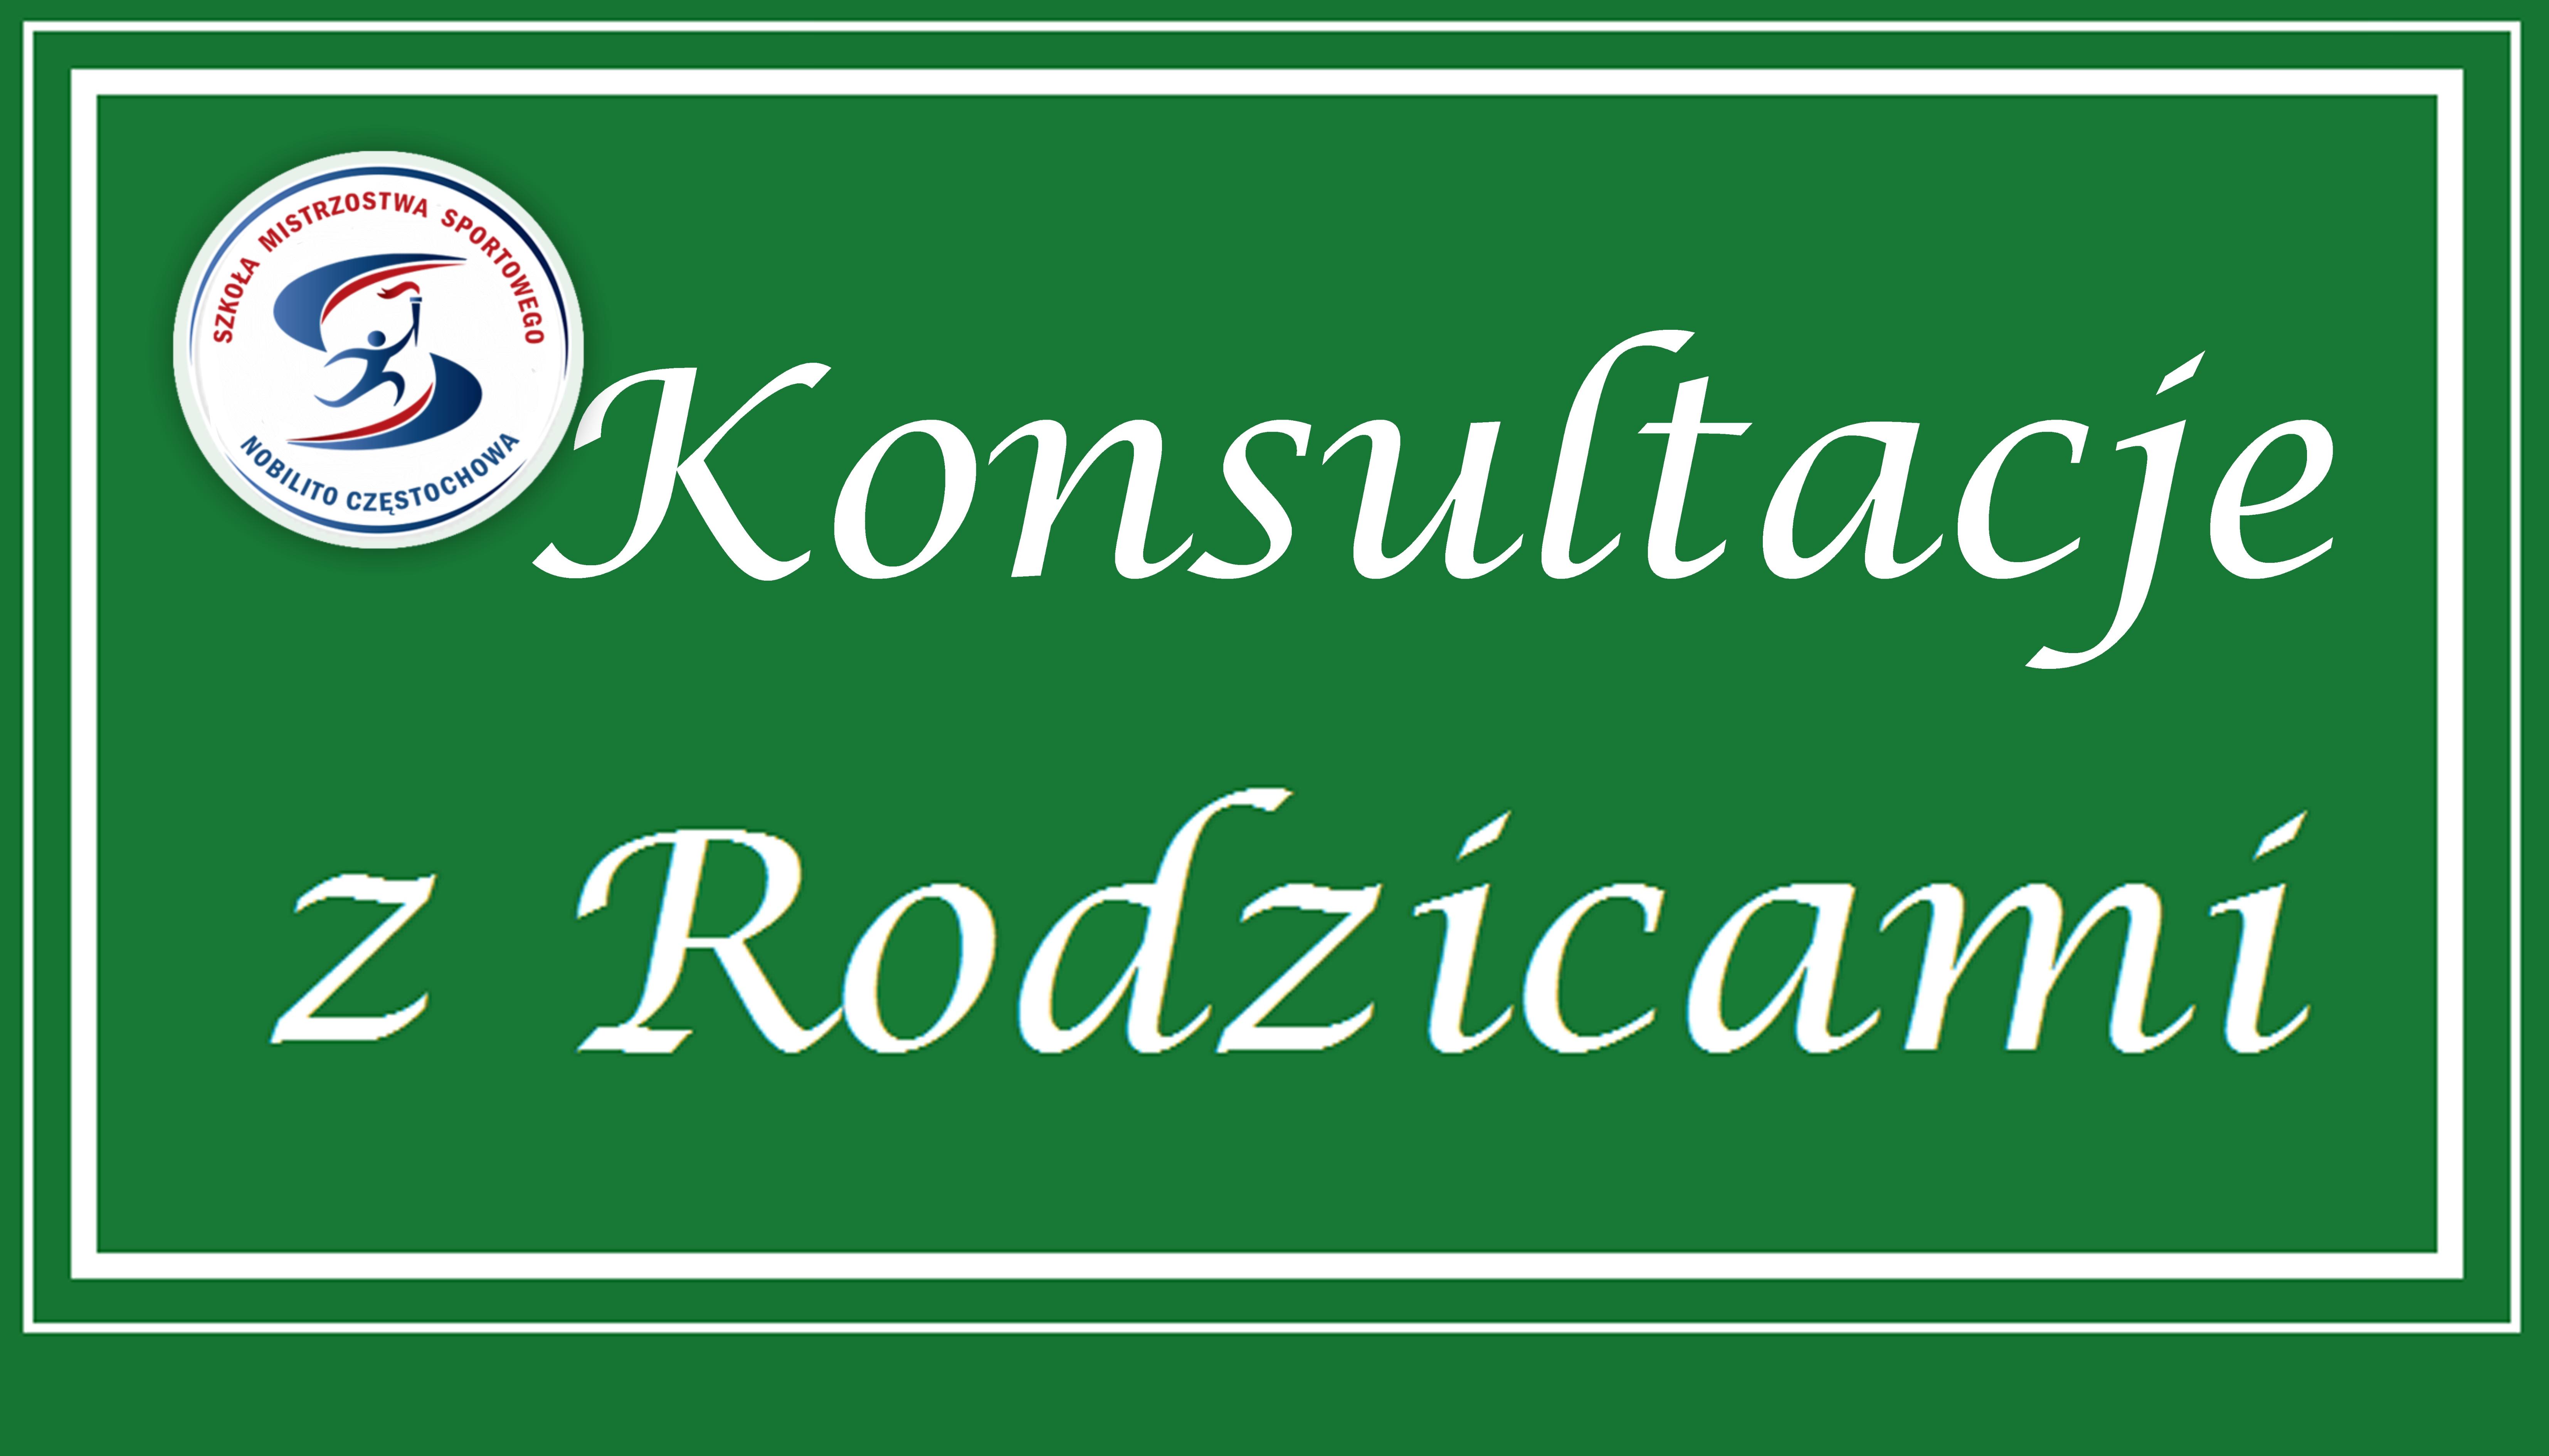 Konsultacje z rodzicami 12.12.2019 godz.16.20